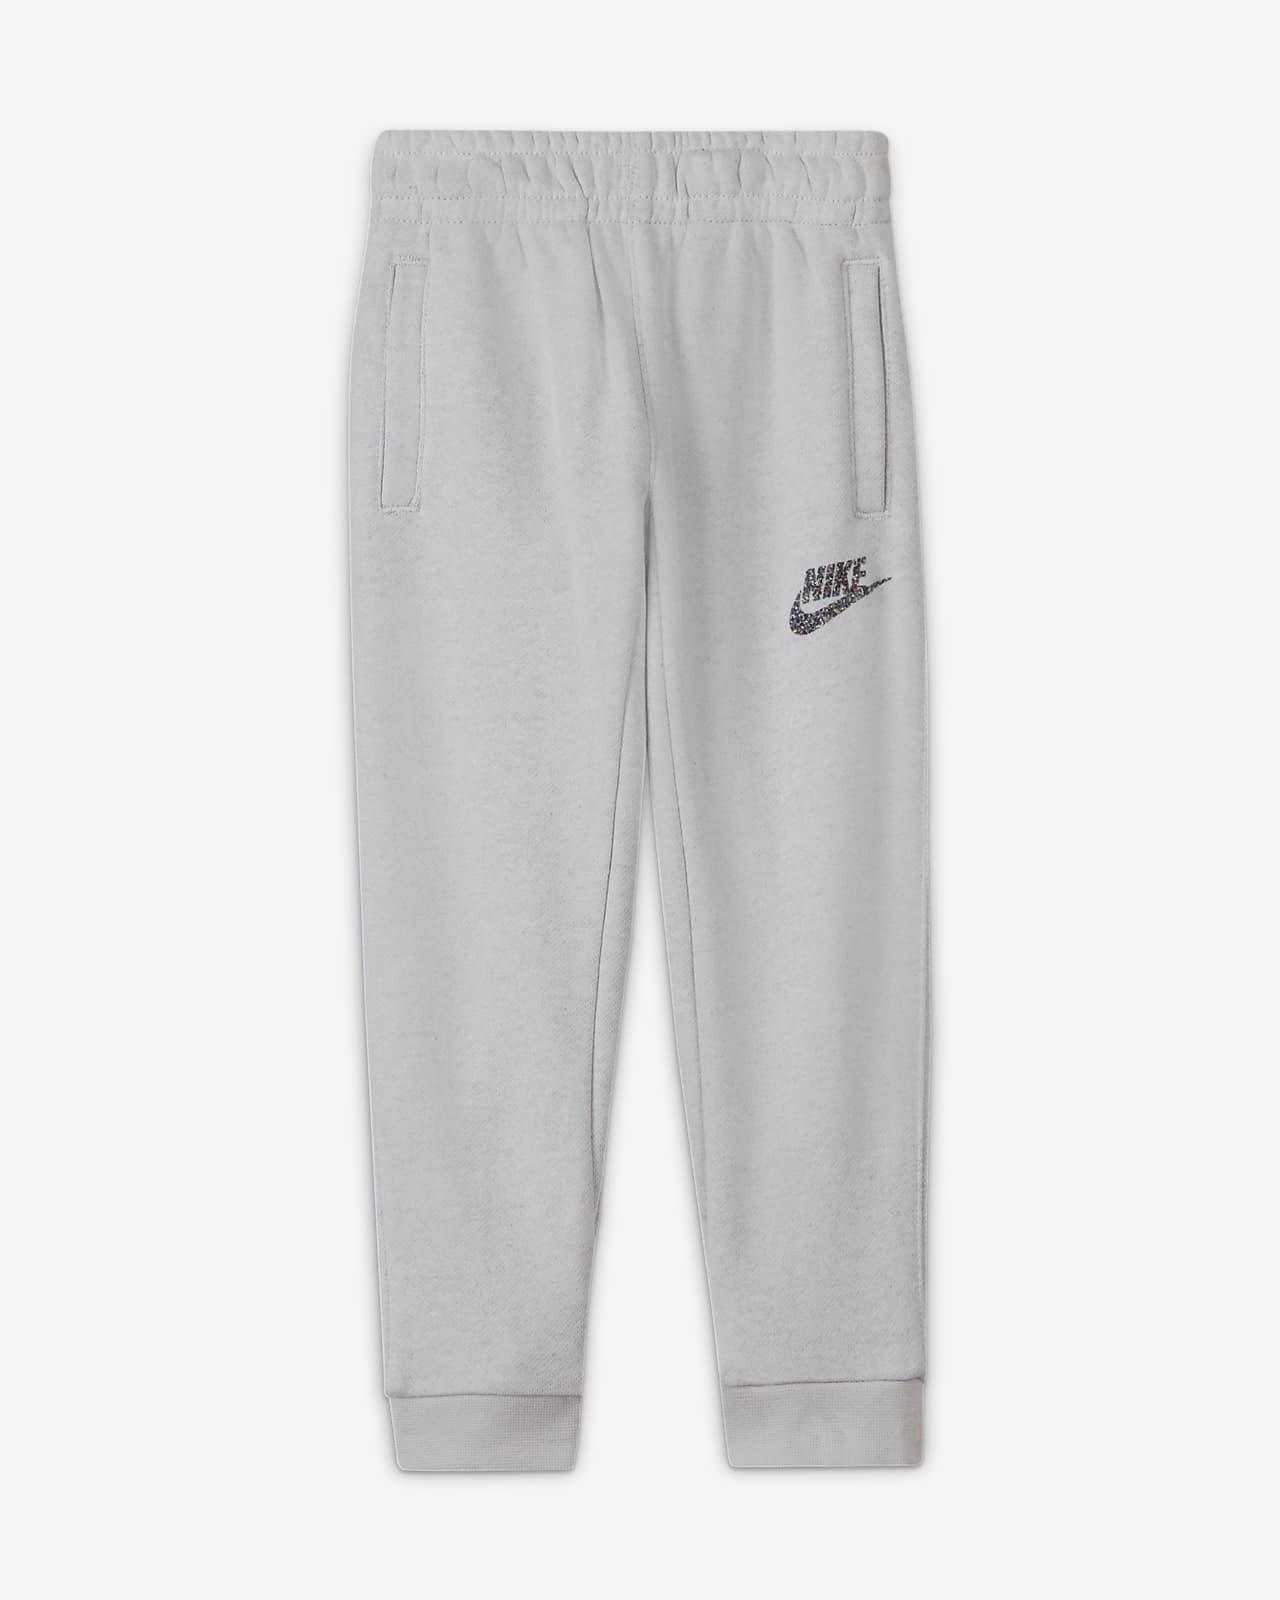 Pantaloni Nike - Bimbi piccoli